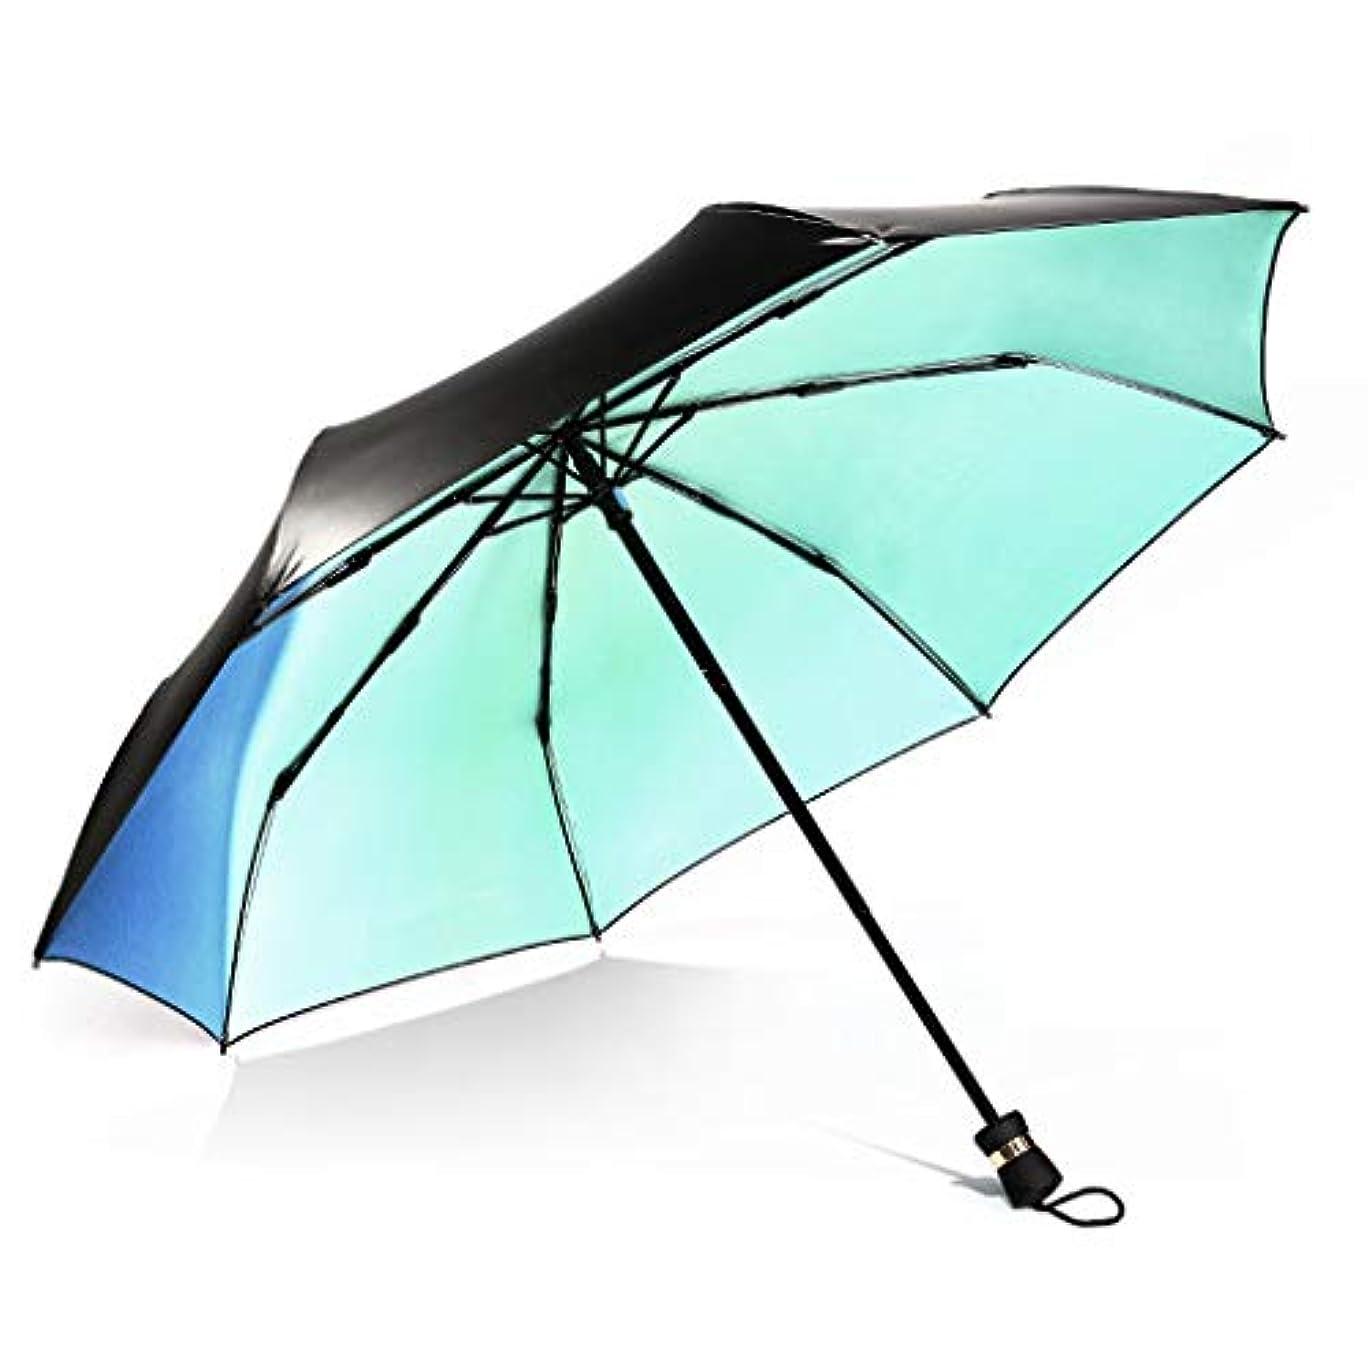 バットハイブリッド入場油絵創造的な折りたたみ太陽傘グラデーションカラー傘抗UV傘傘 ズトイビー (Color : A)